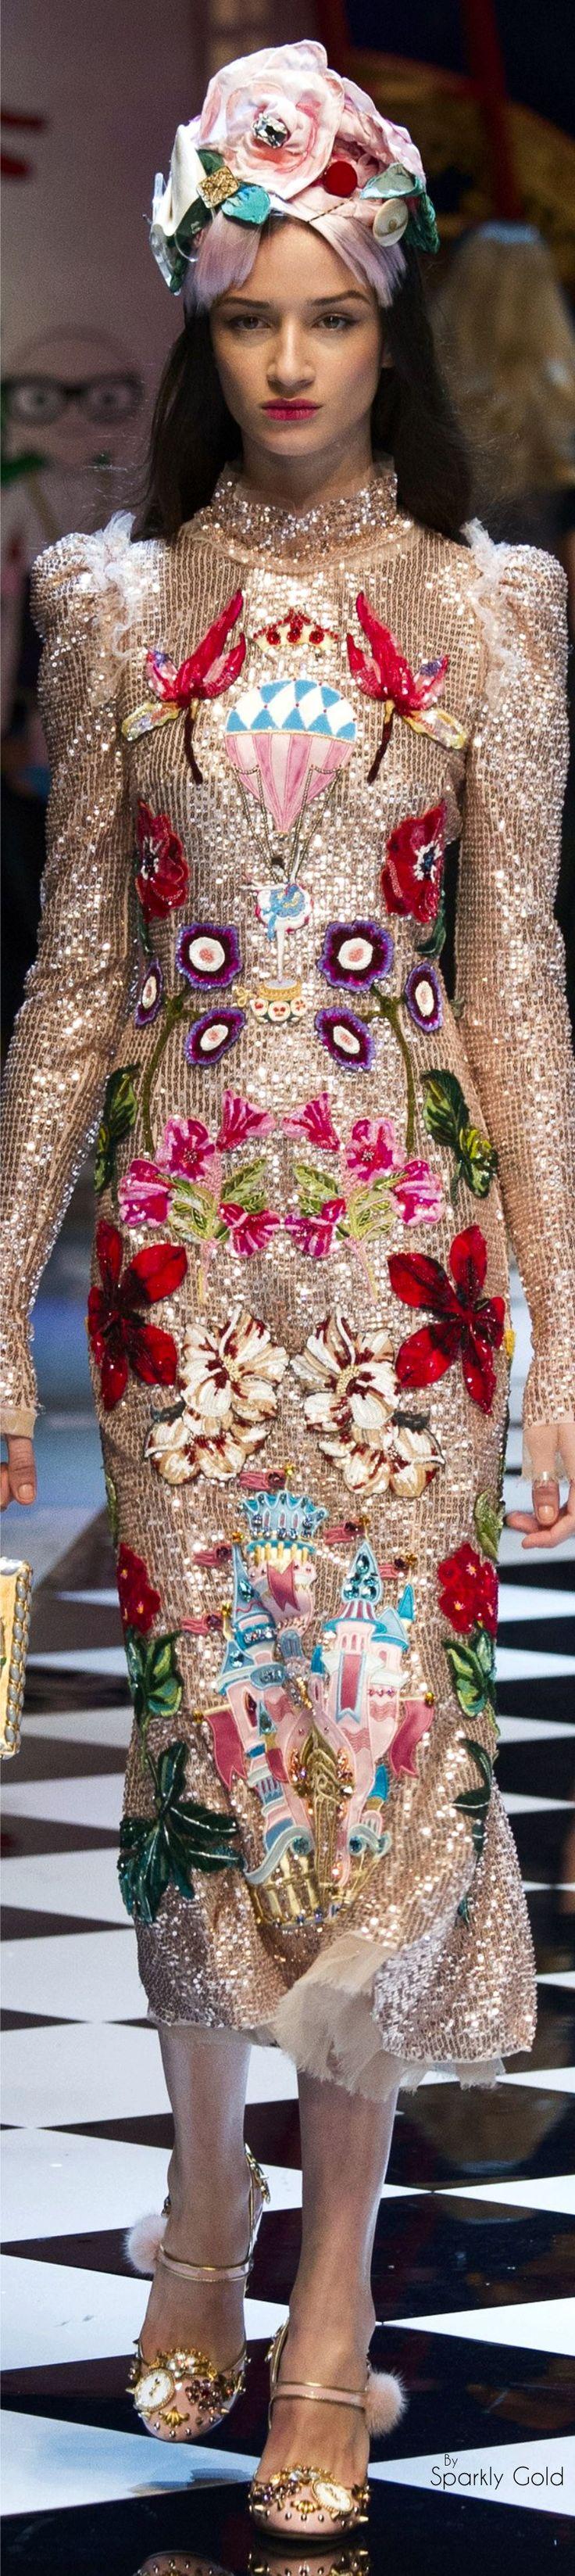 Dolce & Gabbana Fall 2016 RTW